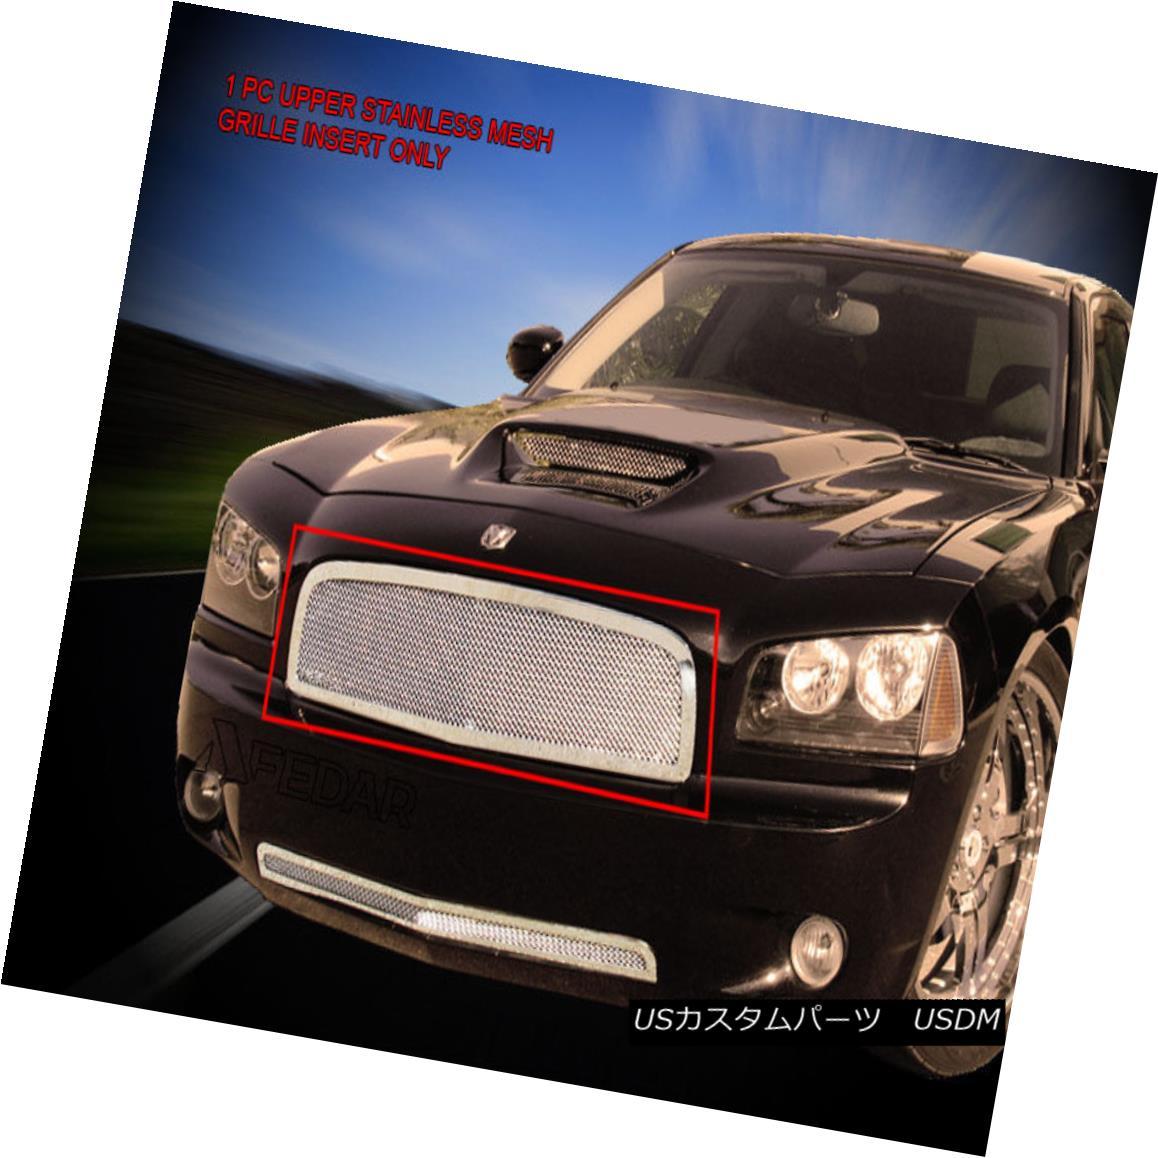 グリル 05-10 Dodge Charger Stainless Steel Mesh Grille Upper Grill Insert Fedar 05-10ダッジチャージャーステンレスメッシュグリルアッパーグリルインサートフェルダー